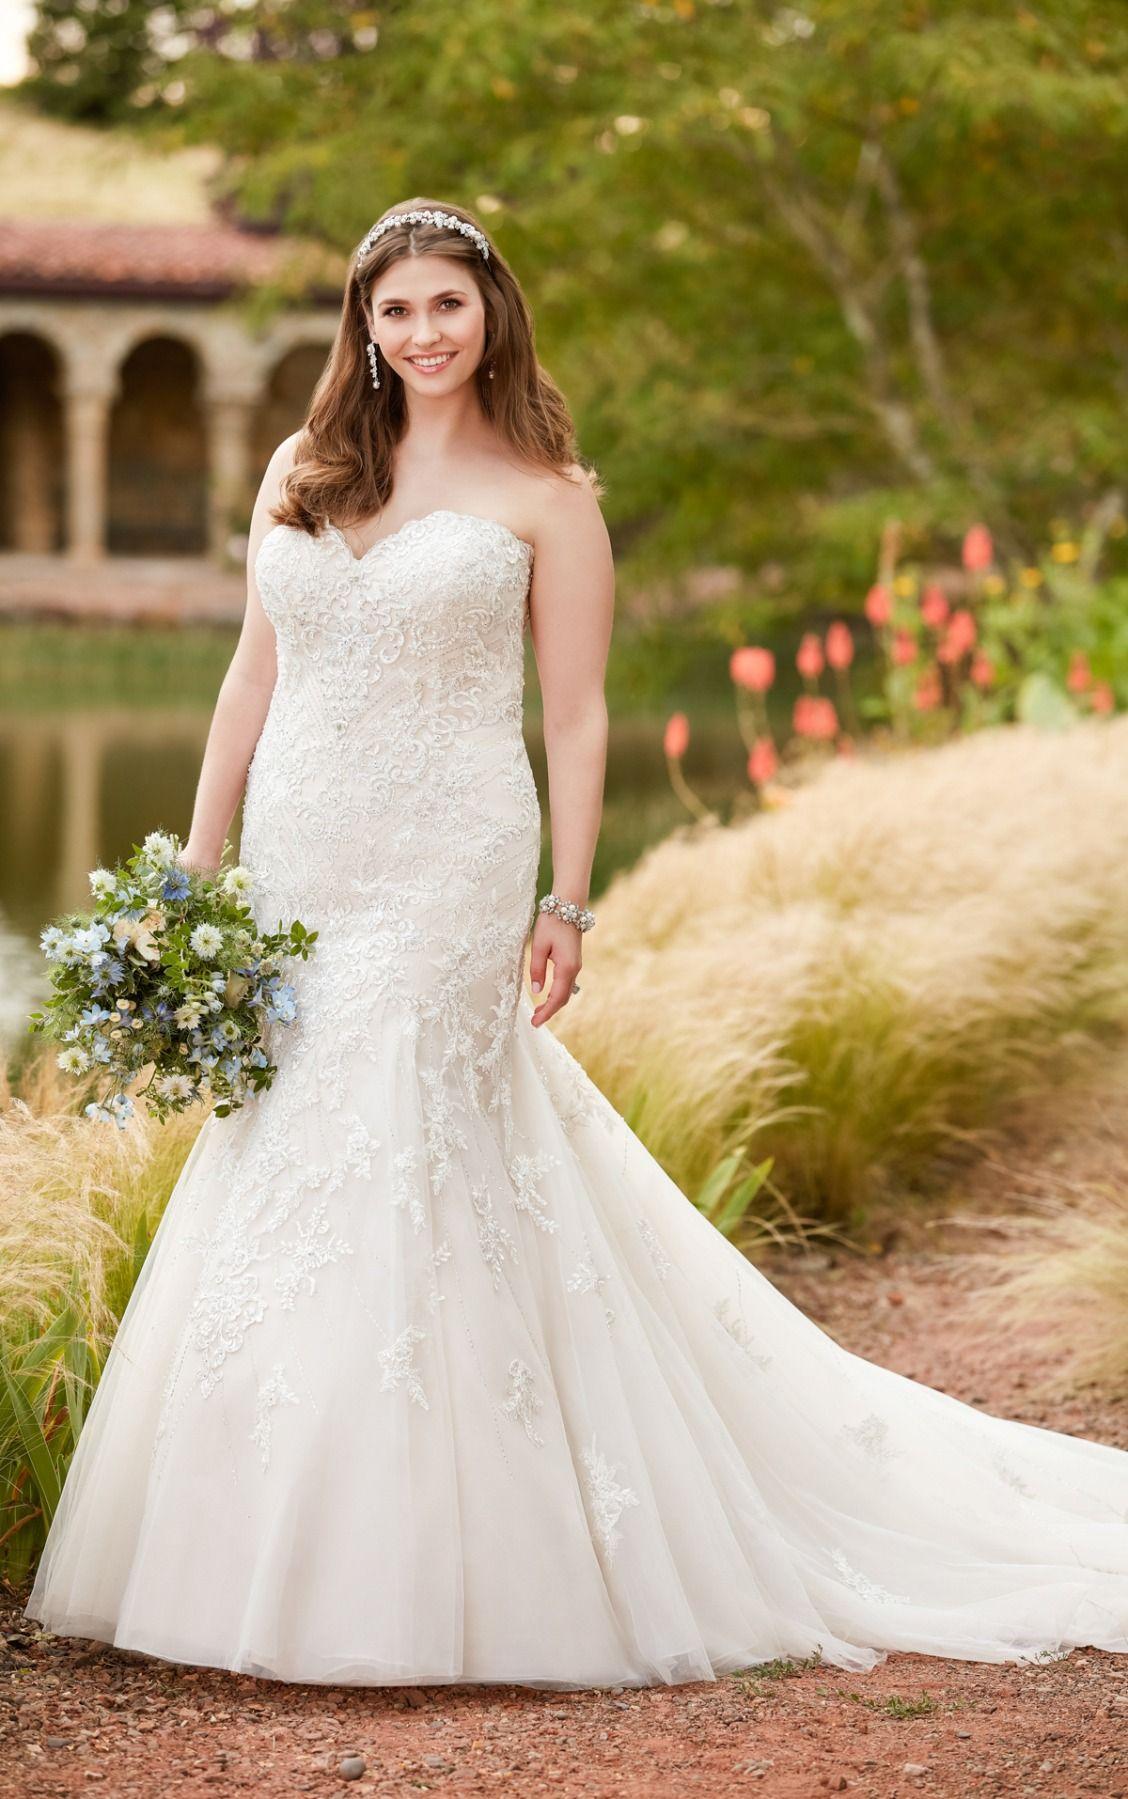 Mermaid wedding dresses wedding dress mermaid and weddings